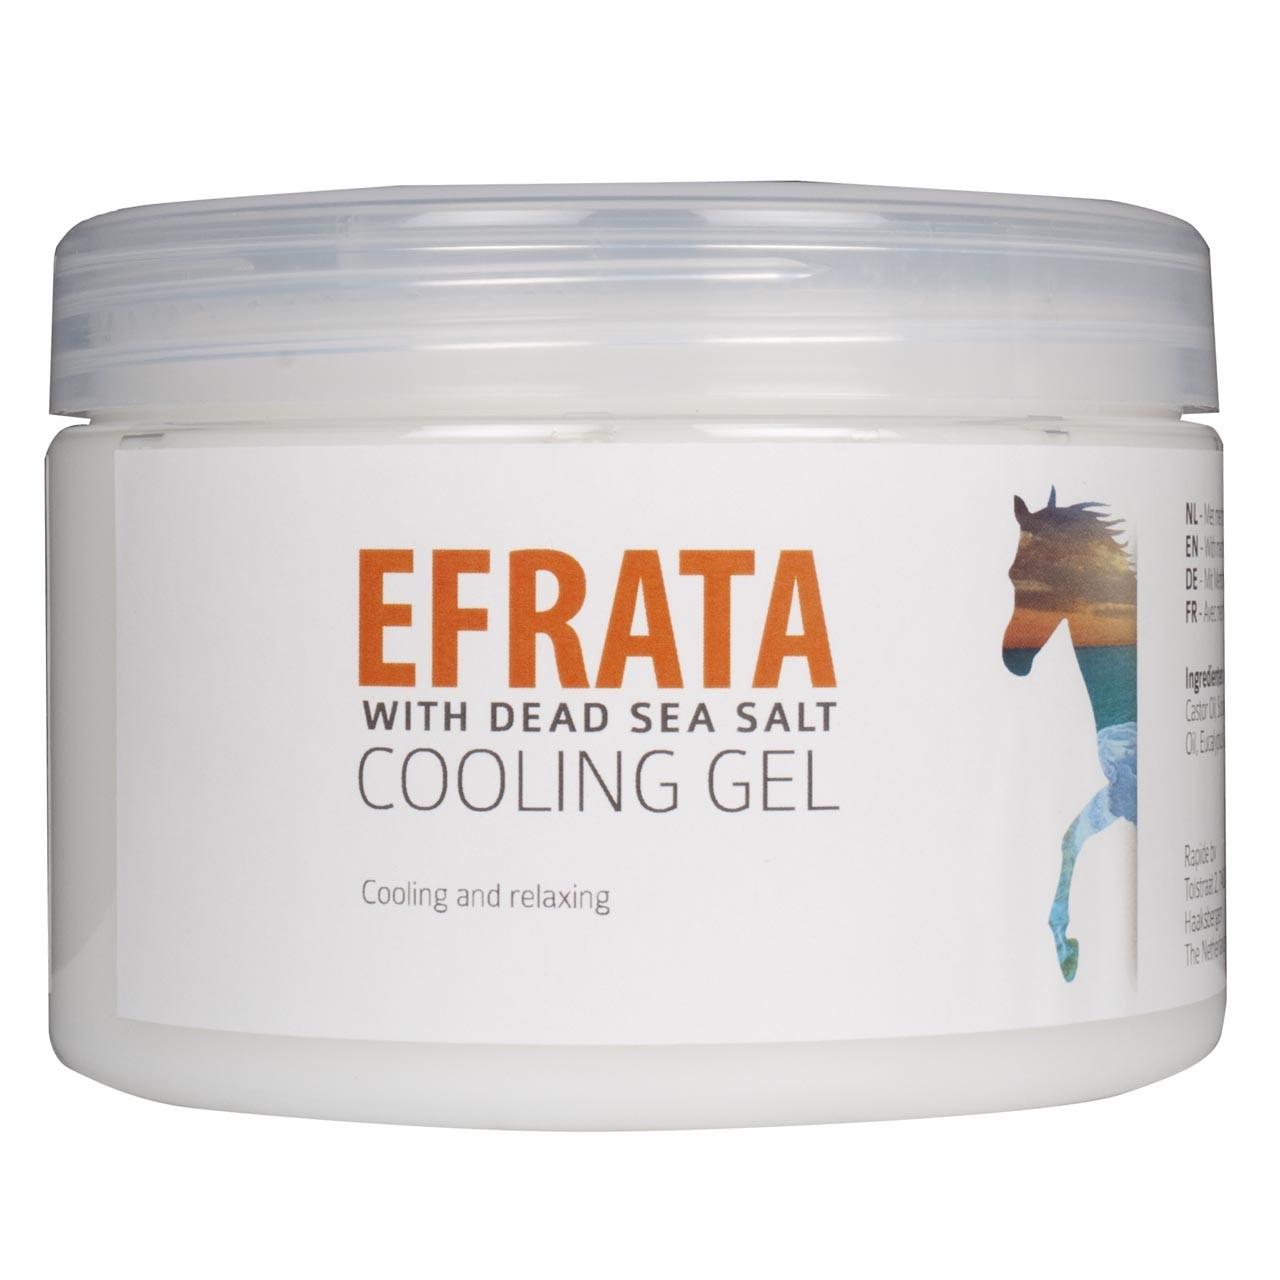 Efrata Cooling Gel